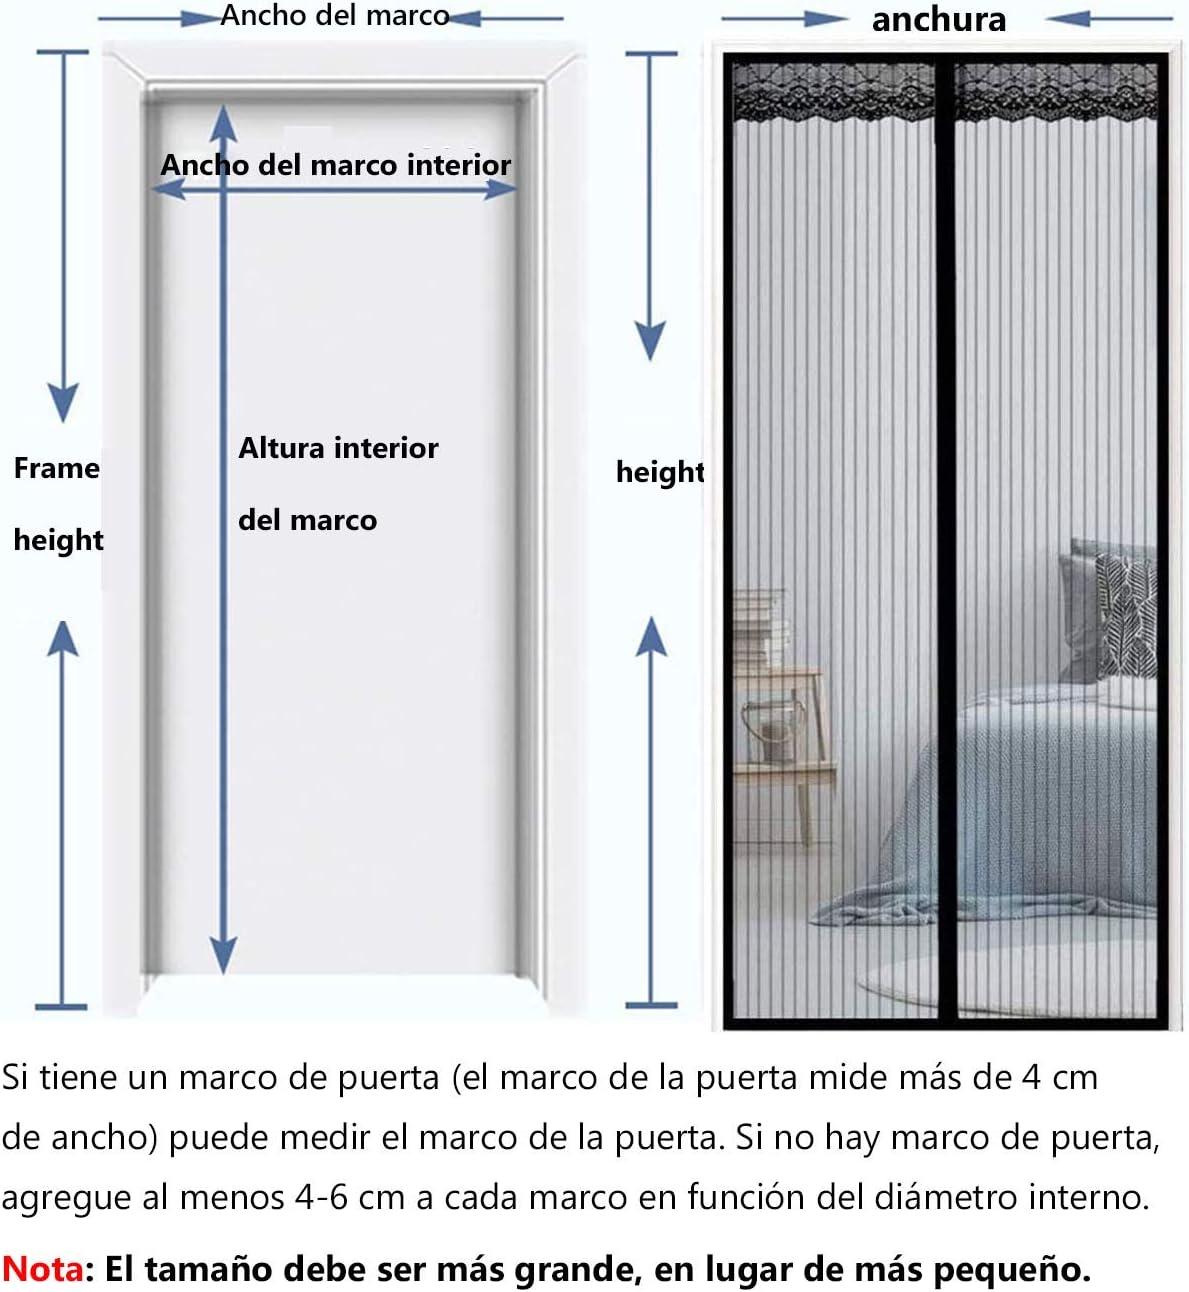 Mosquitera Magnética para Puertas Fácil de ensamblar, Mosquitera Puerta Magnetica Cortina de Sala de Estar la Puerta del Balcón Puerta Corredera de Patio: Amazon.es: Bricolaje y herramientas